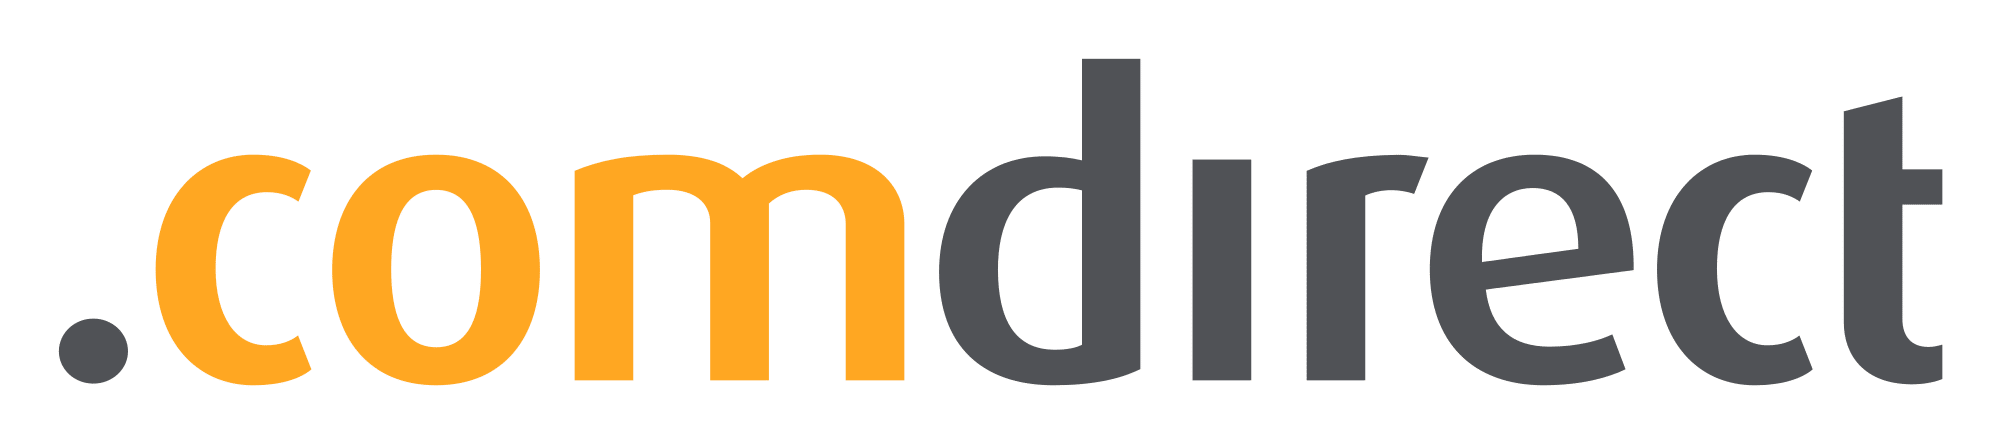 comdirect logo transparent